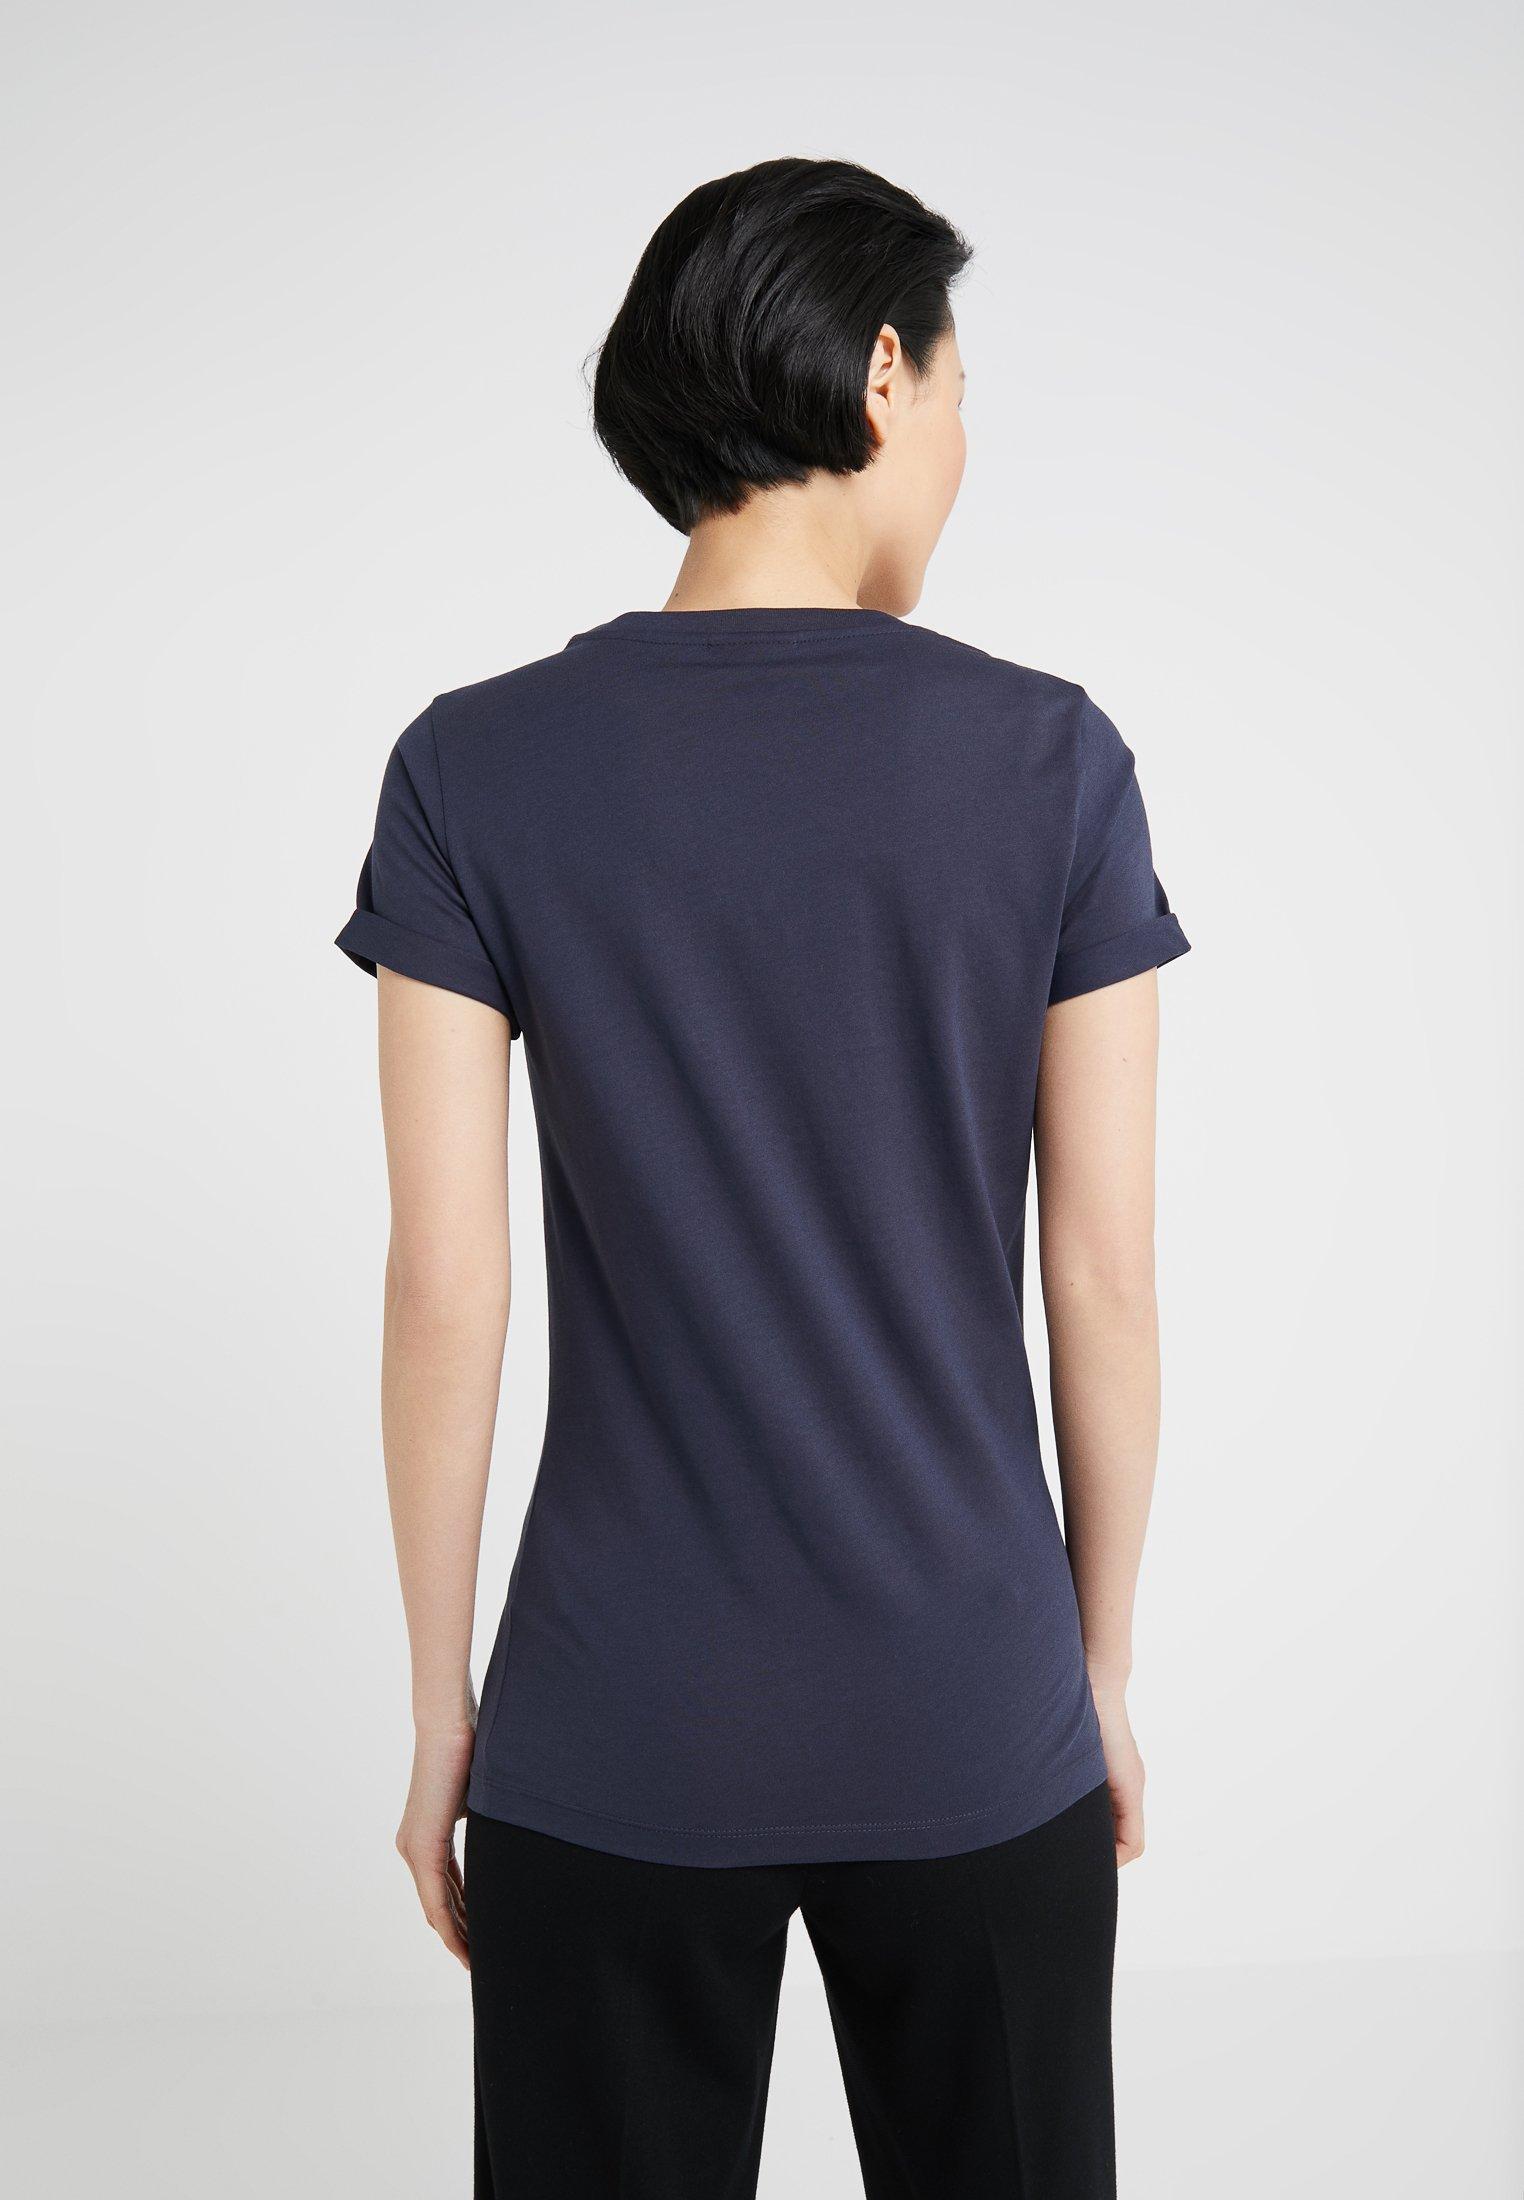 Open Hugo DennaT Imprimé shirt Blue Ygyf6vb7